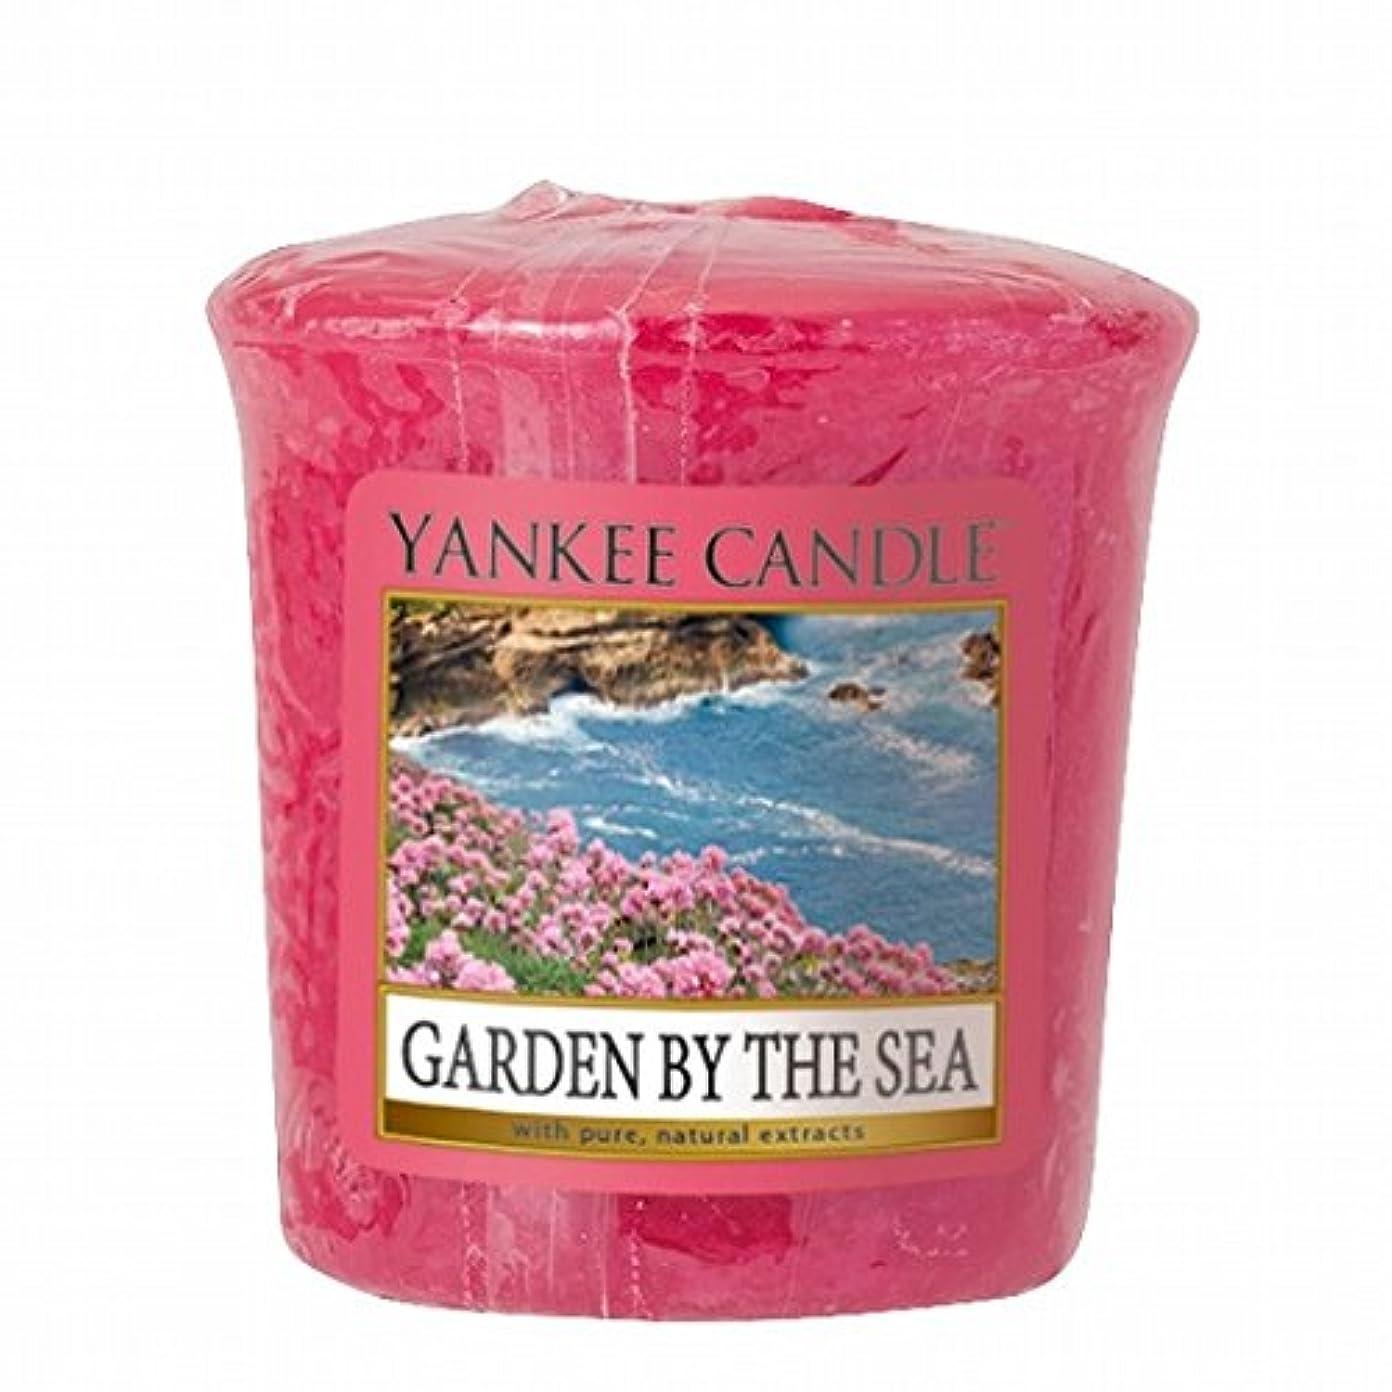 スリッパ右性格YANKEE CANDLE(ヤンキーキャンドル) YANKEE CANDLE サンプラー 「ガーデンバイザシー」(K00105291)